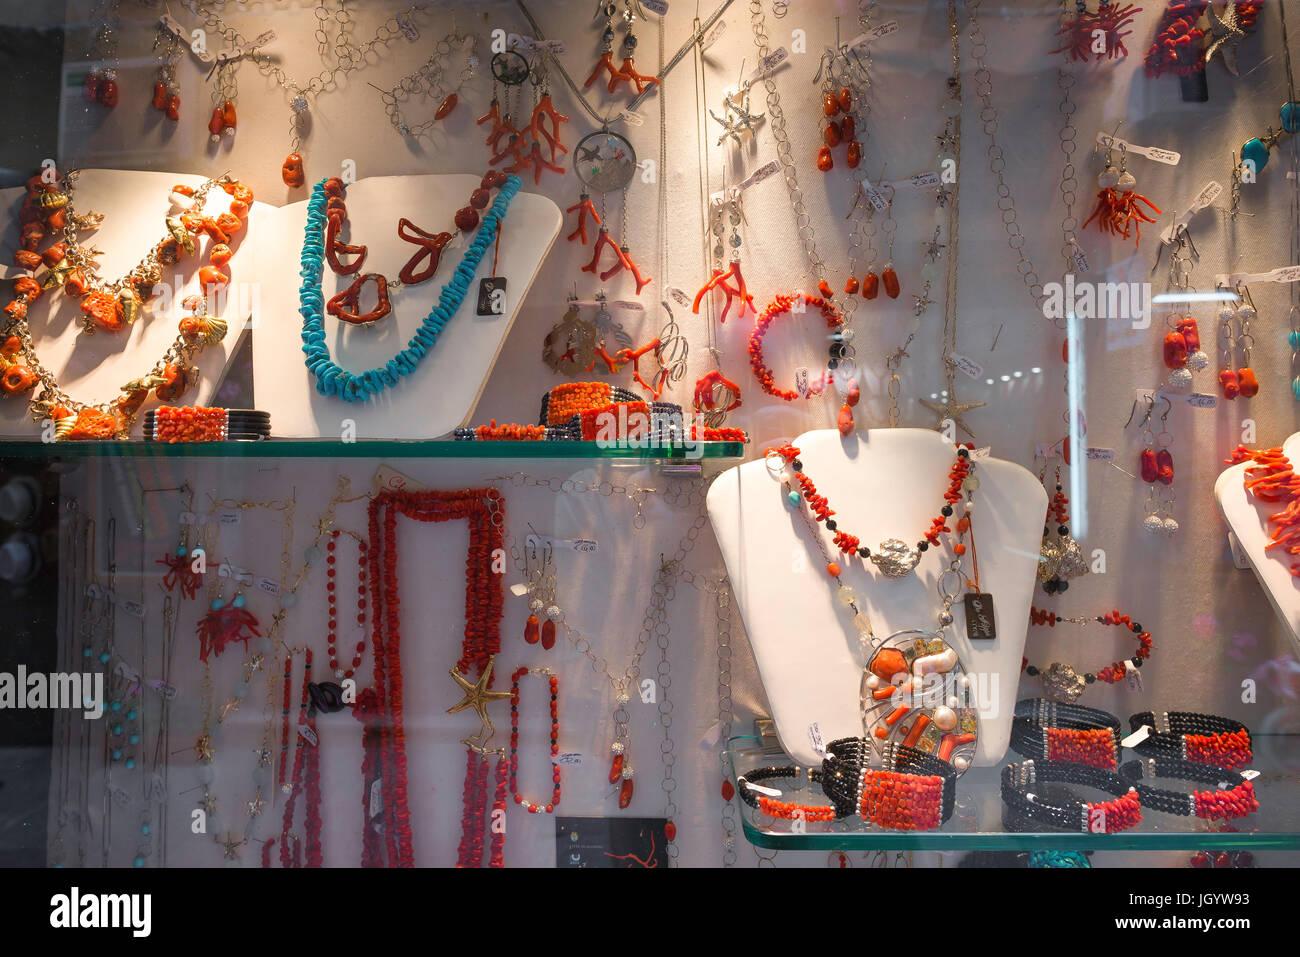 Les bijoux, une exposition de bijoux de corail en vente dans une boutique  dans la e79323c5568e